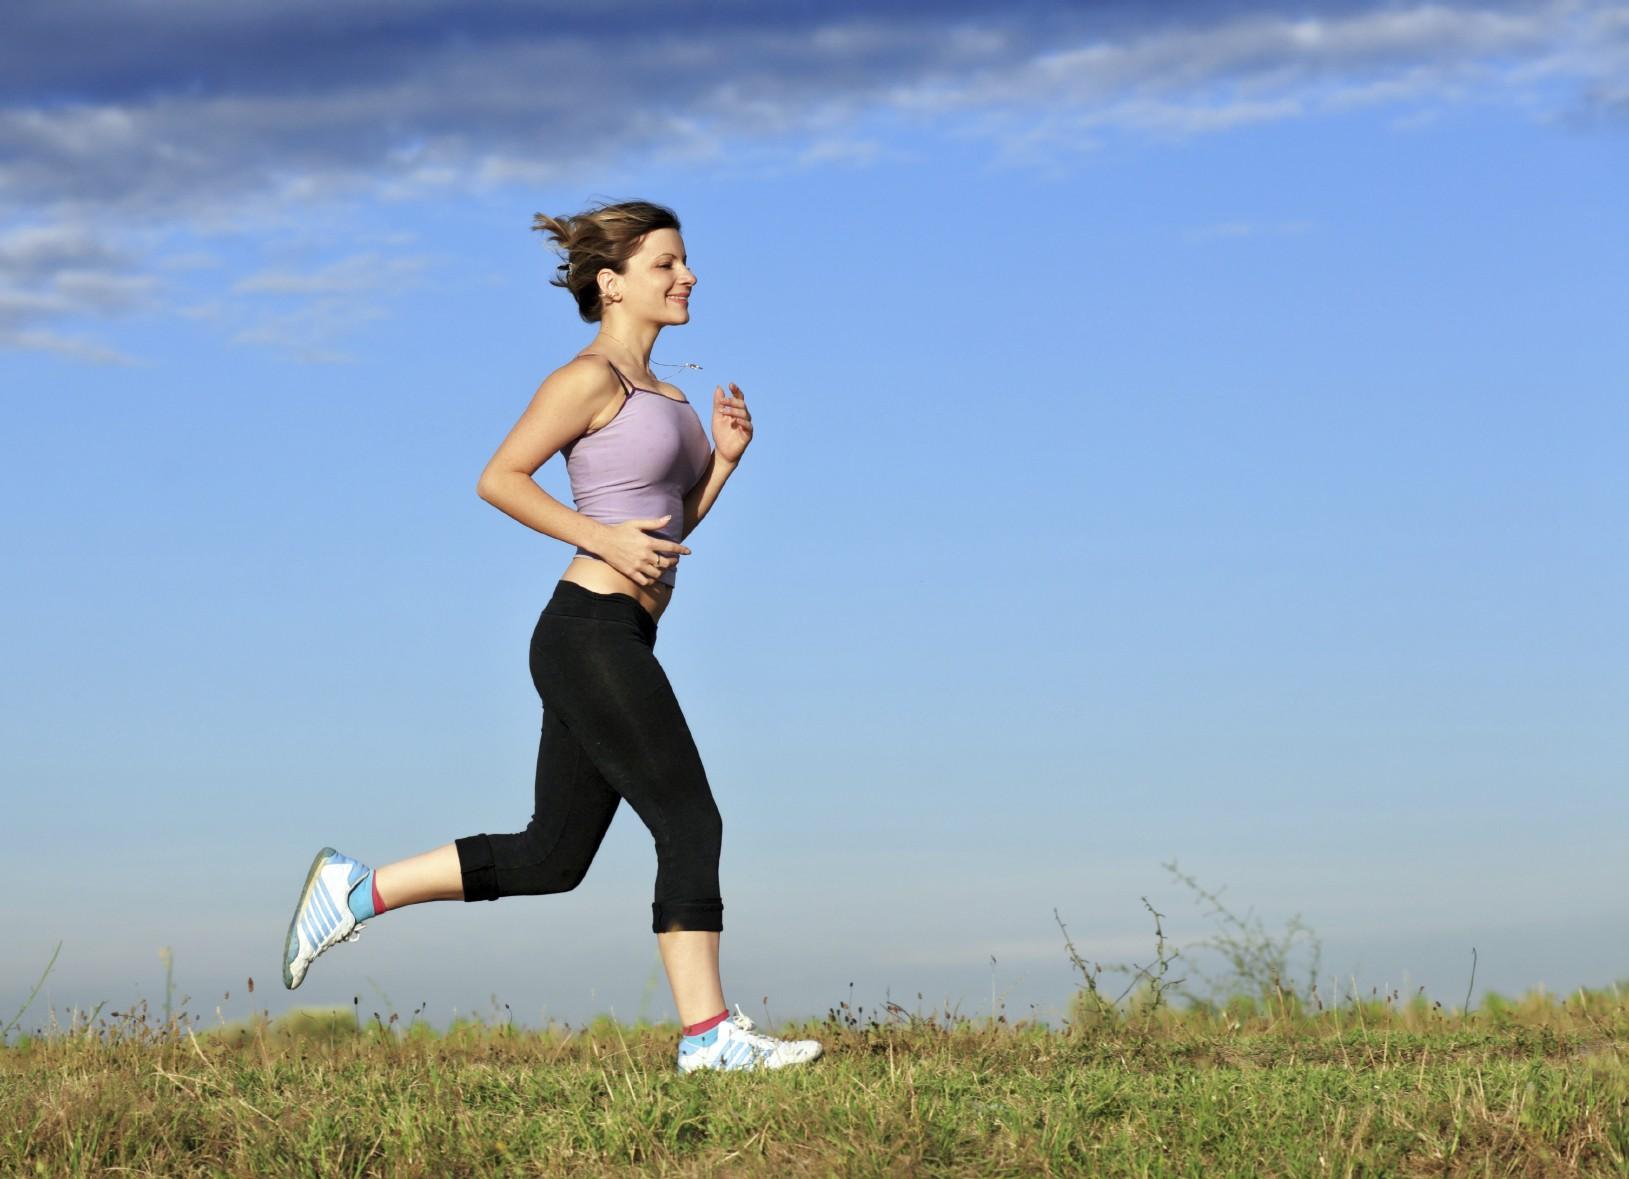 Lehet-e sportolni magasabb nyomással: fizikai aktivitás magas vérnyomással - Vasculitis